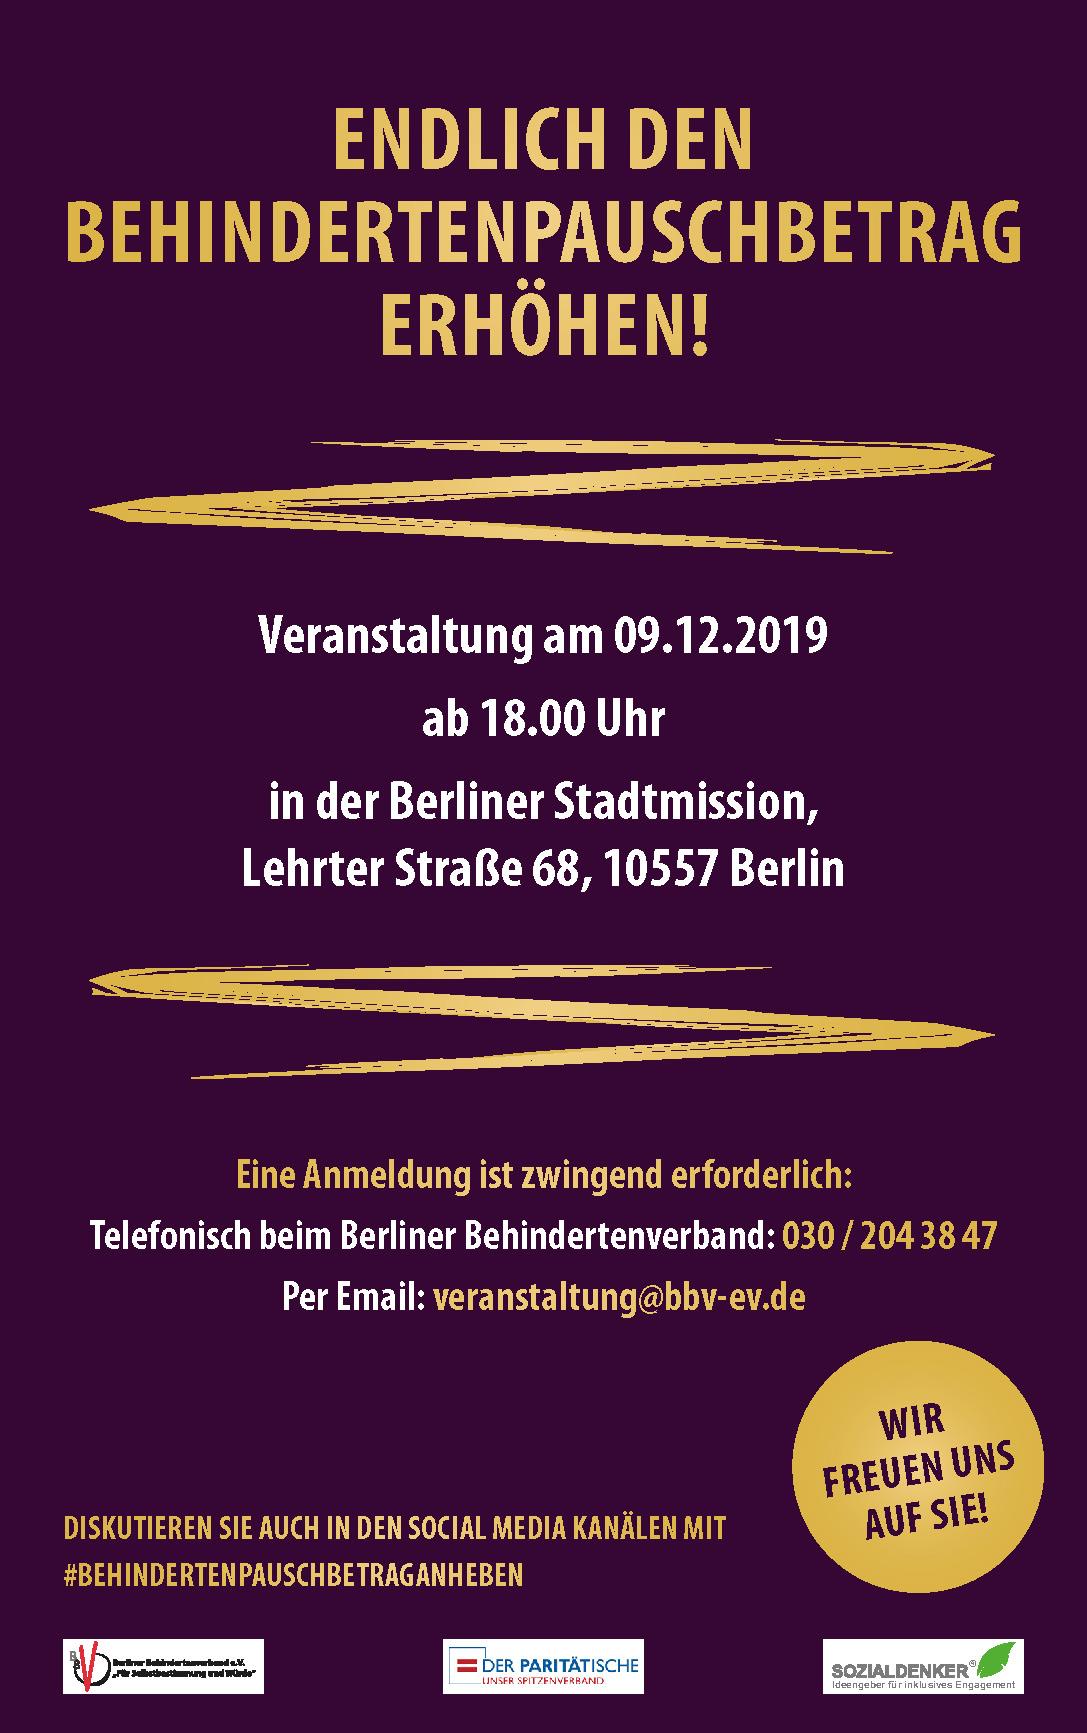 Veranstaltung zum Pauschbetrag am 09.12.2019